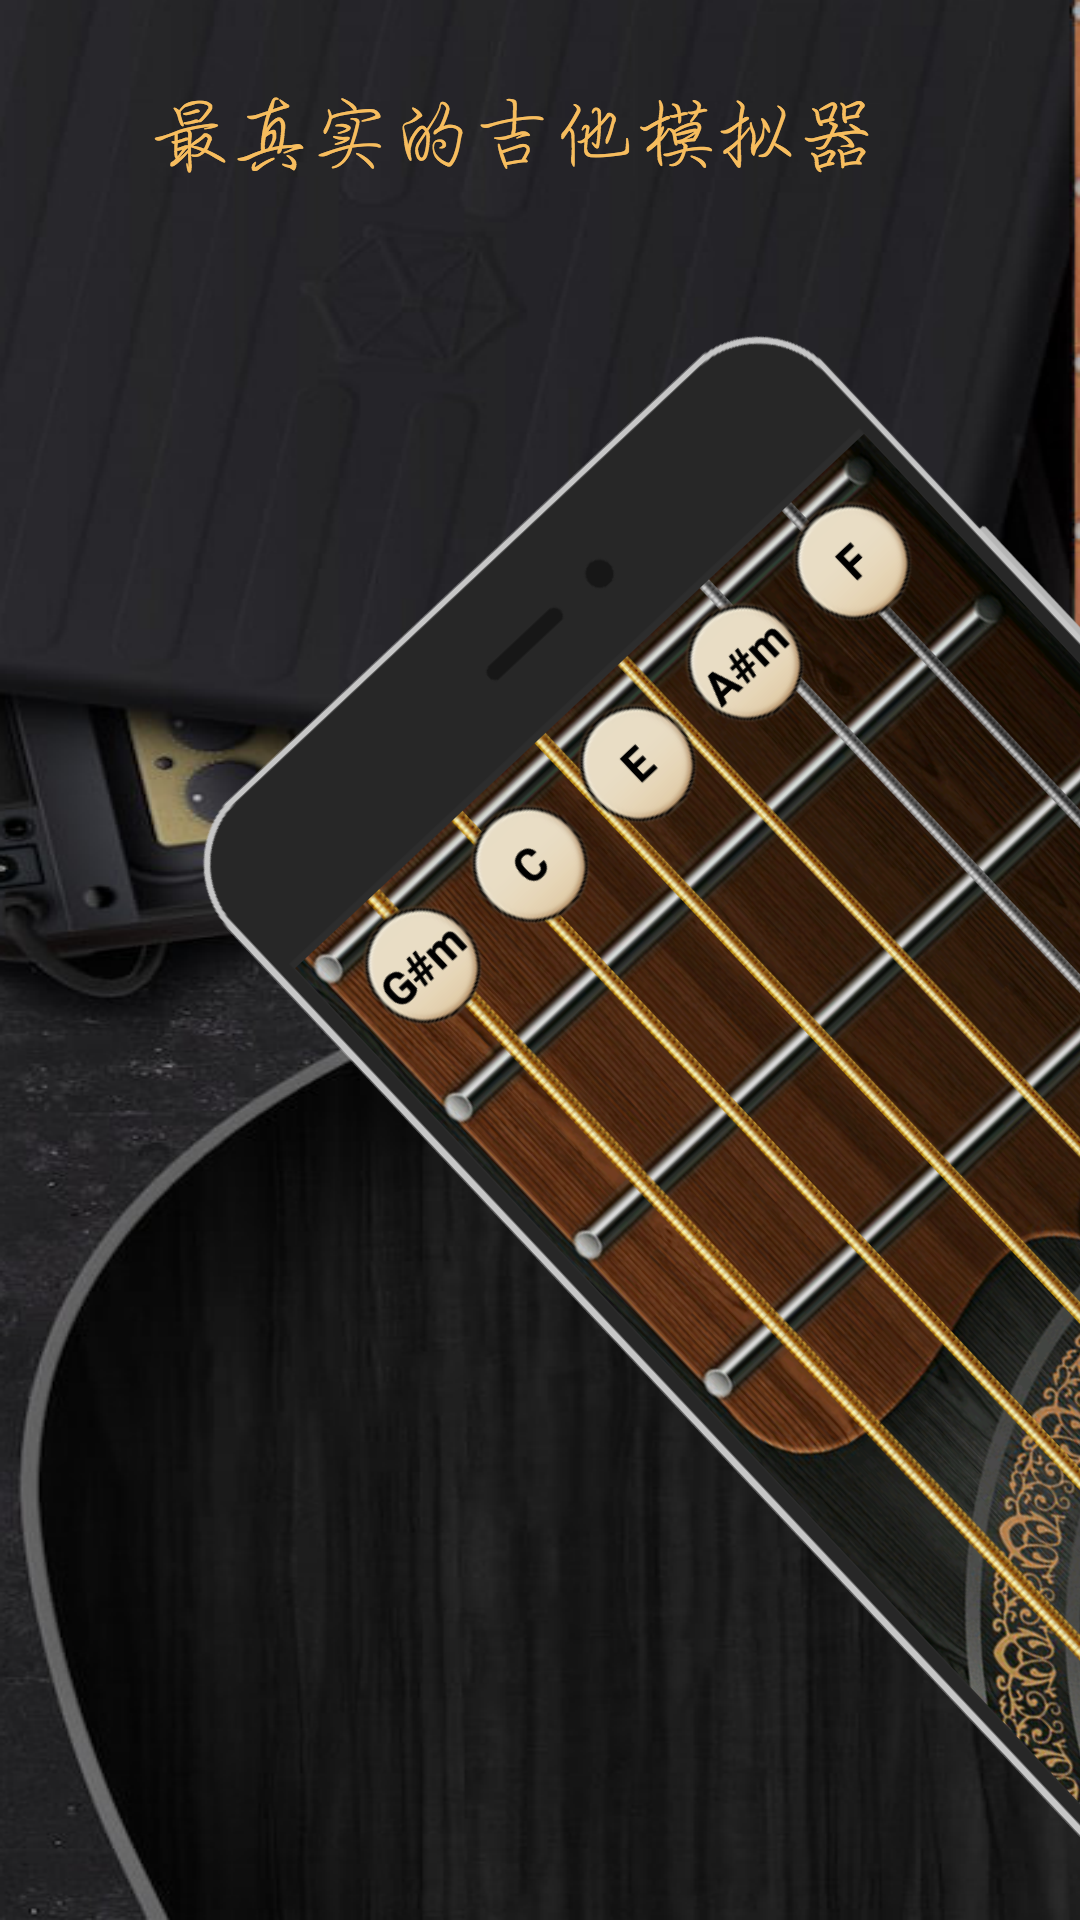 吉他模拟器截图(1)